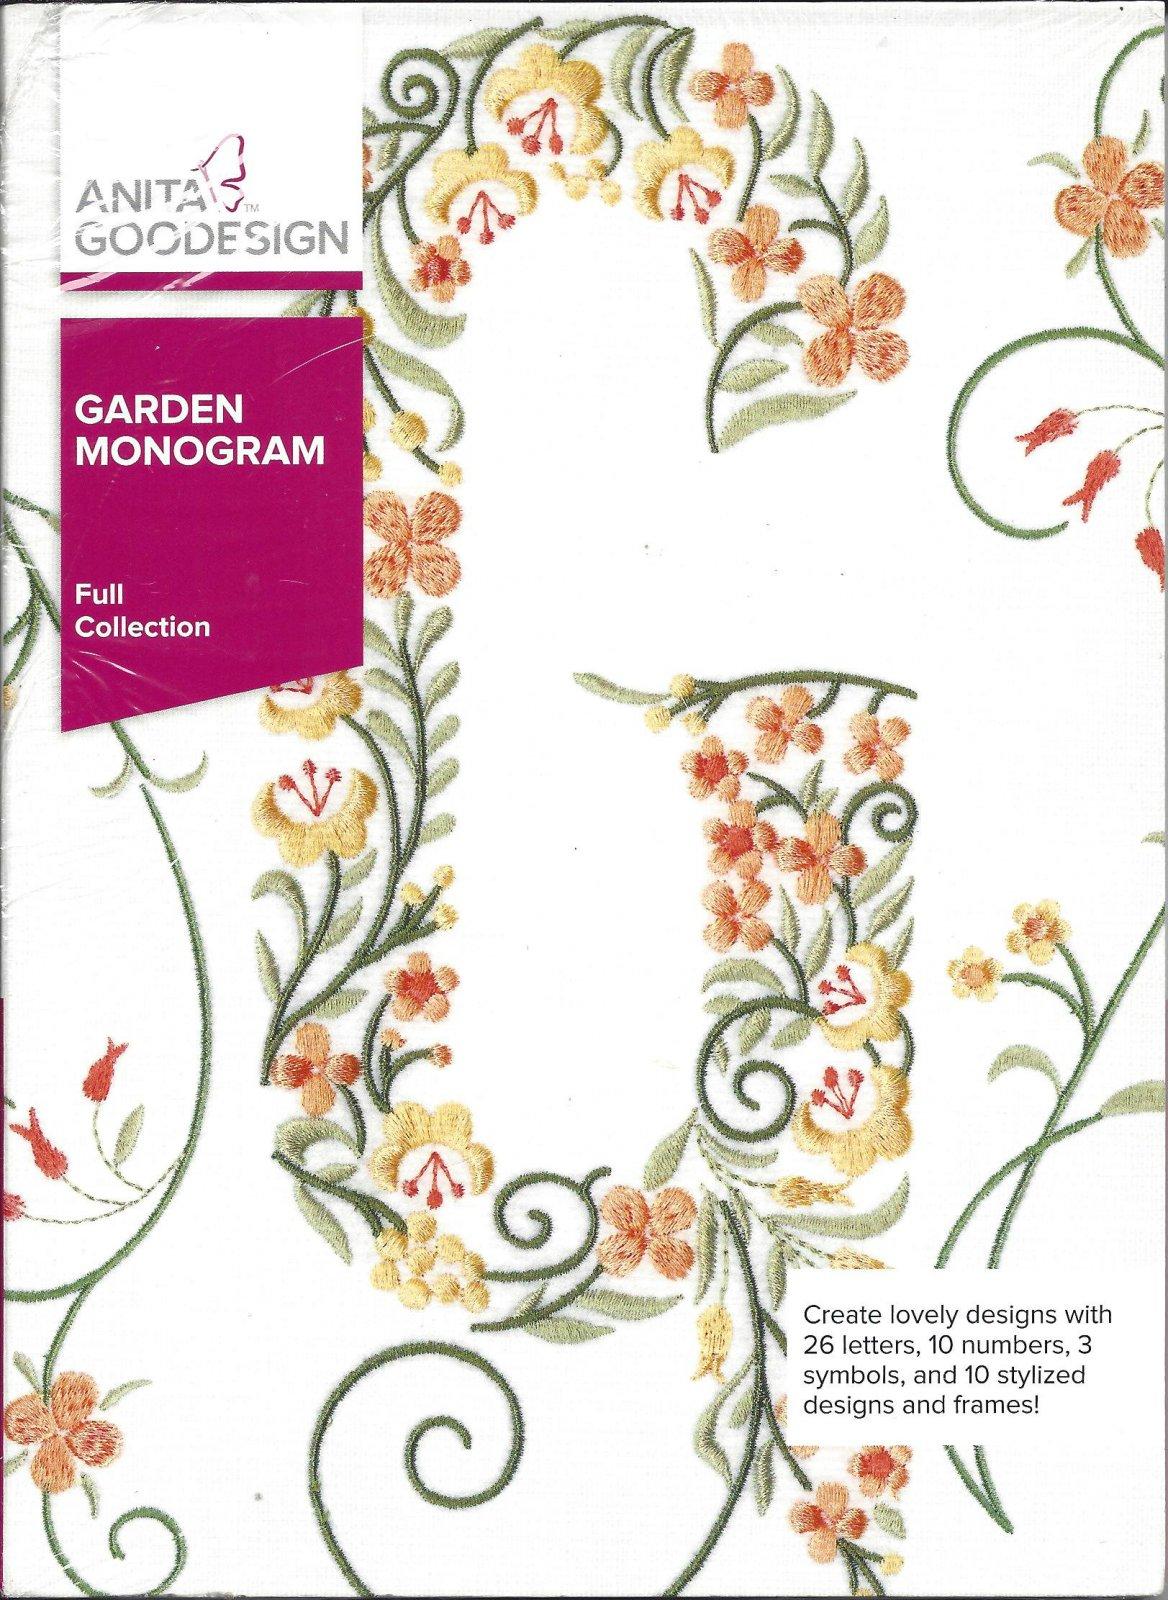 AG GARDEN MONOGRAM 335AGHD